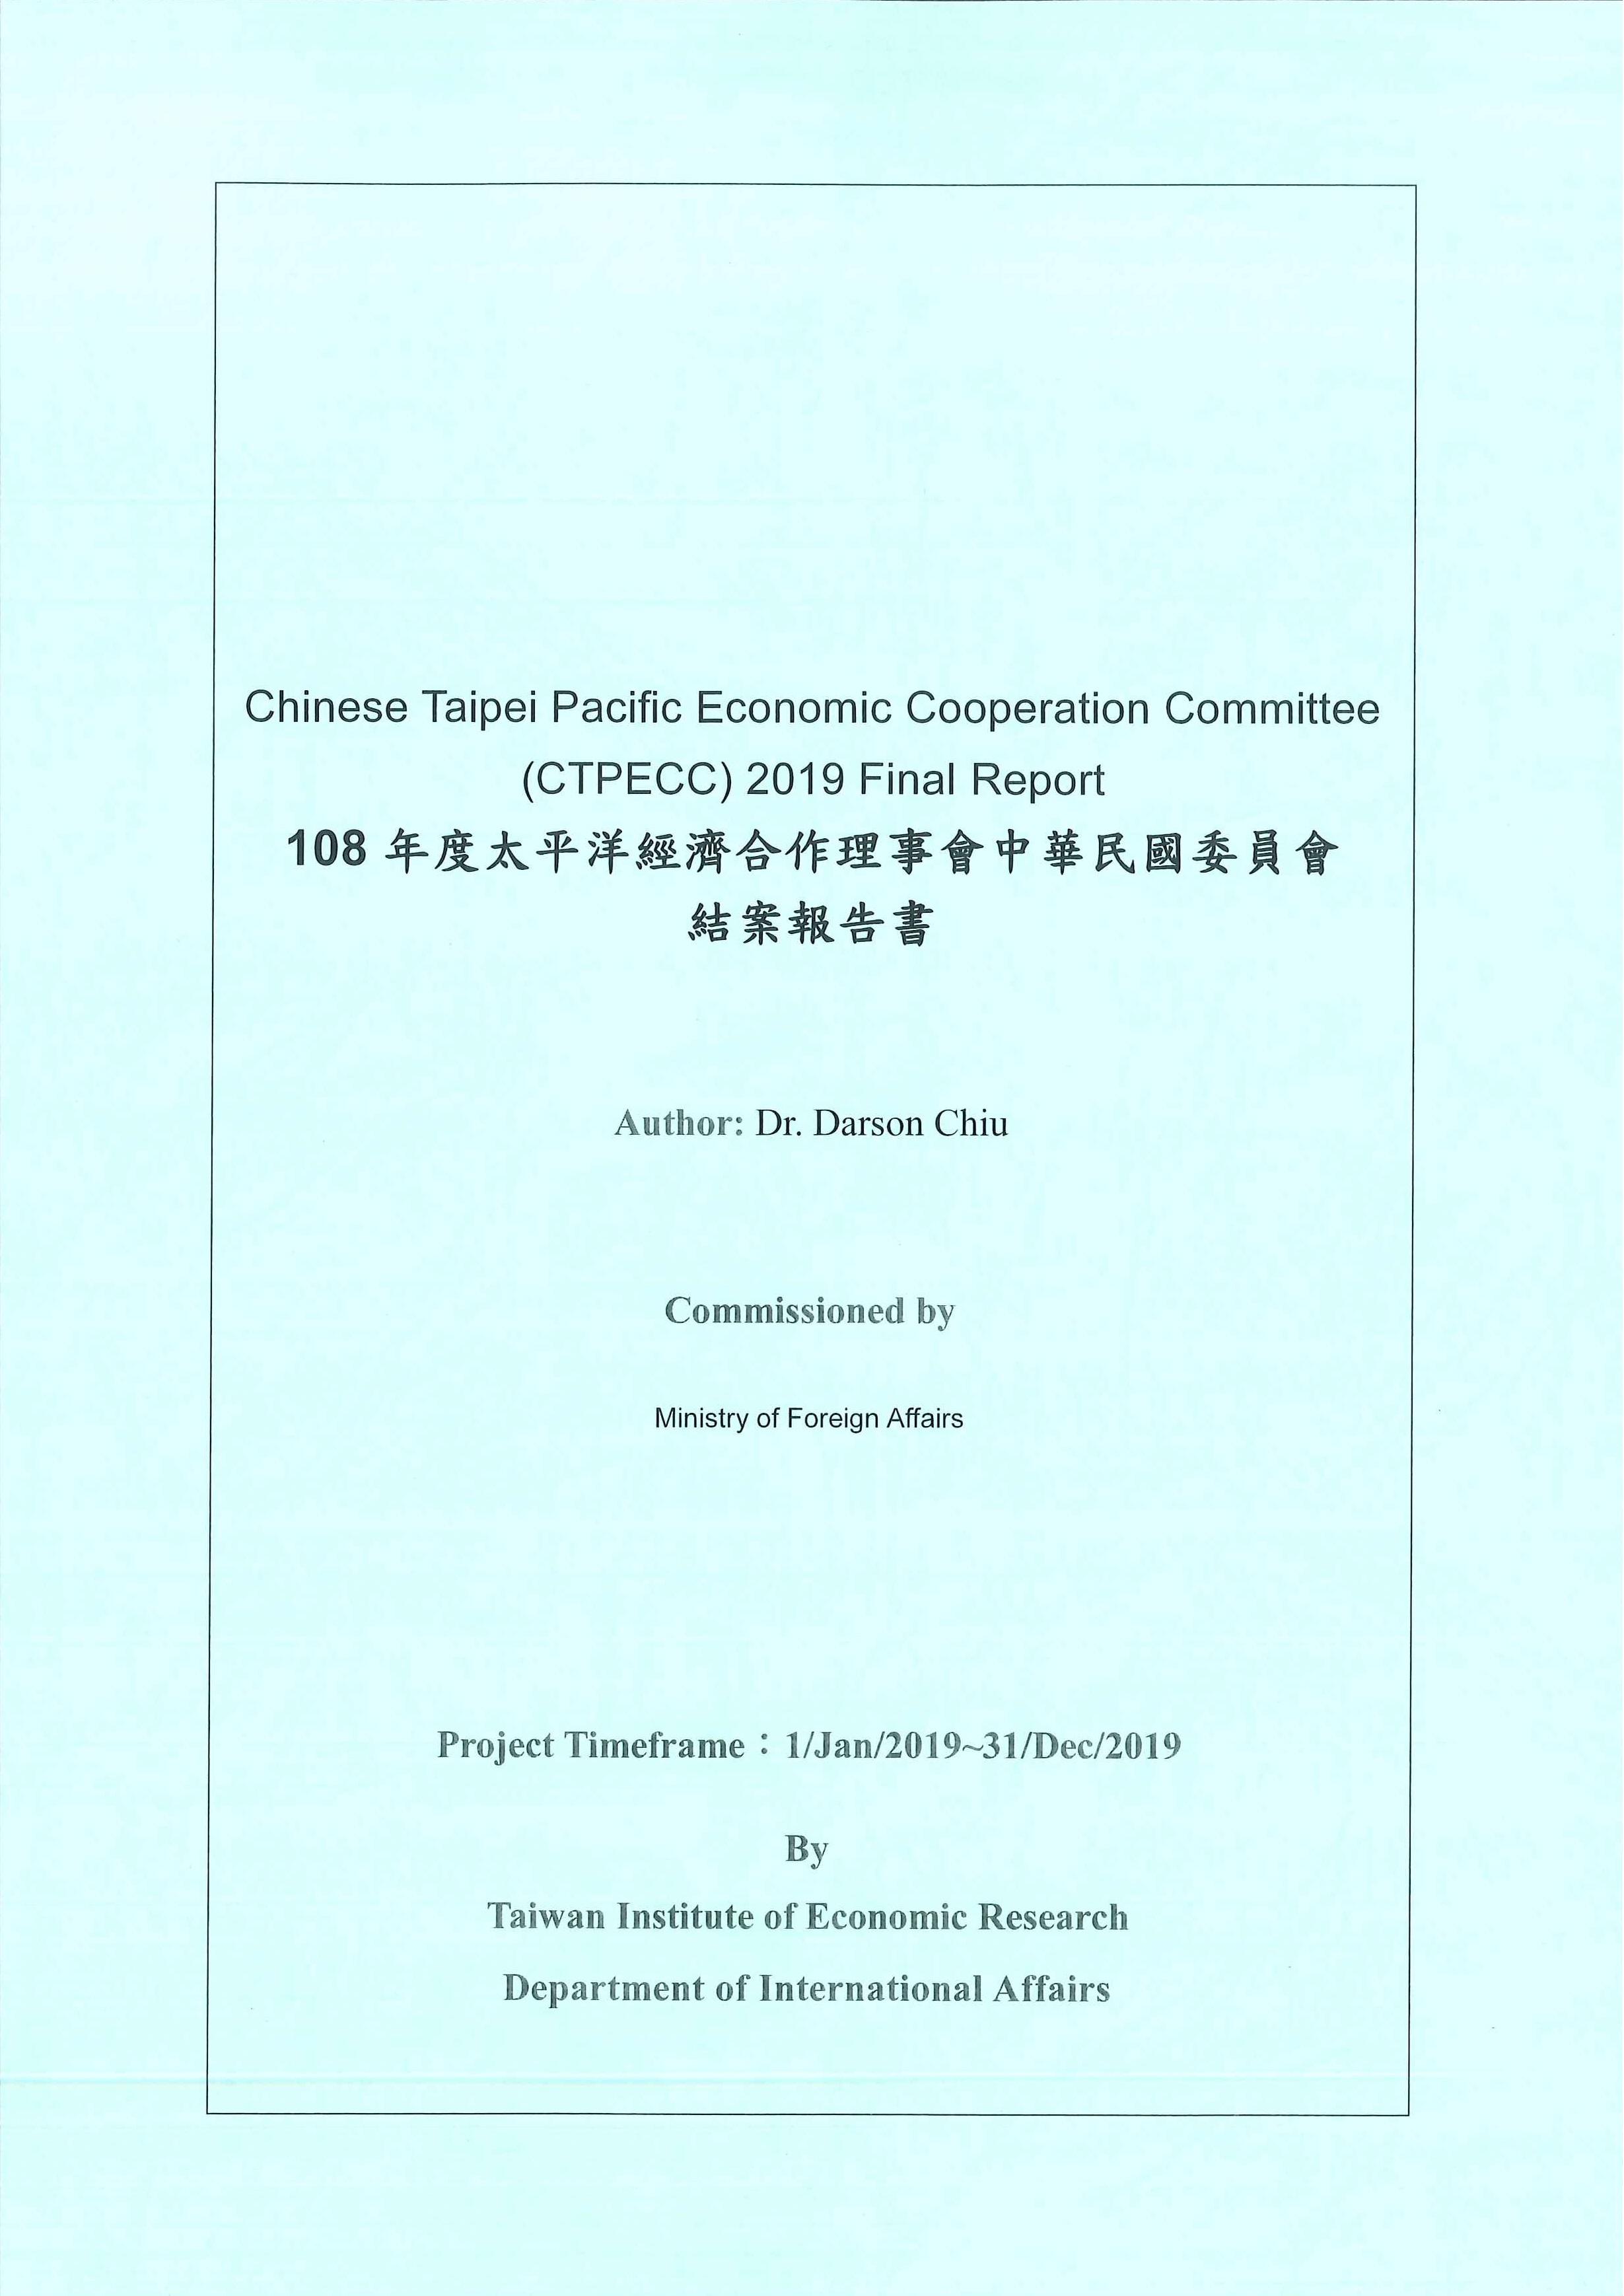 太平洋經濟合作理事會中華民國委員會:結案報告書